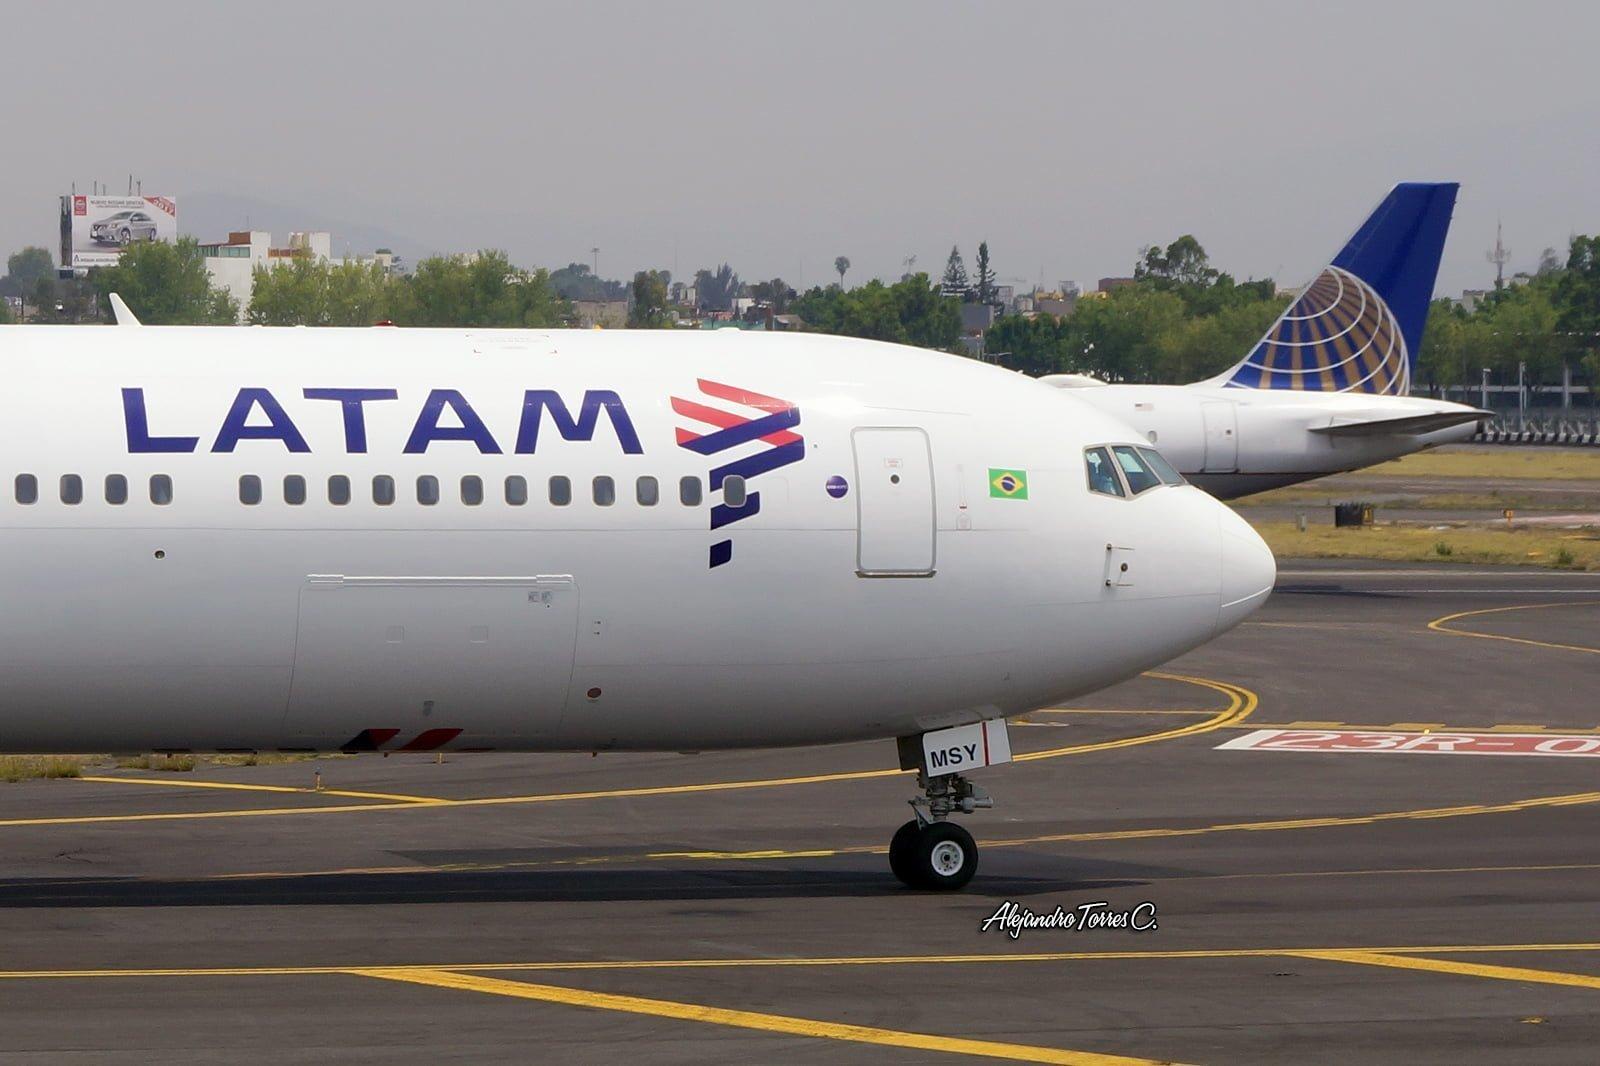 Vista lateral del primer avión con el livery de LATAM Airlines